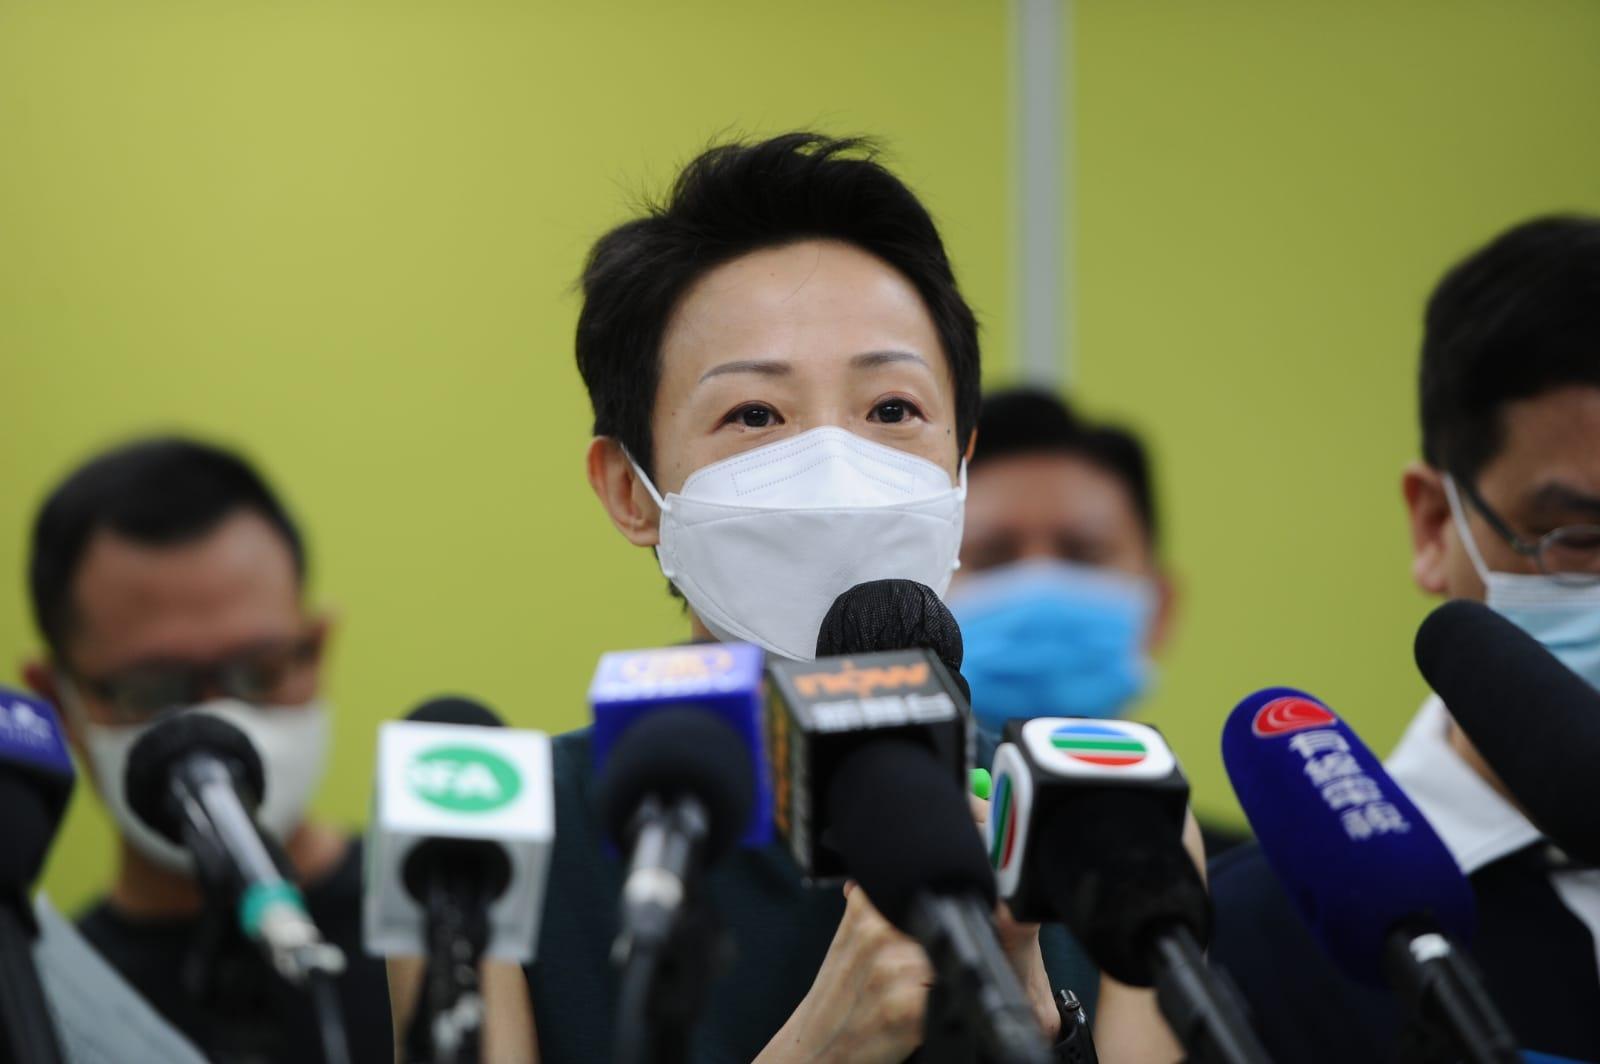 陳淑莊對於「港版國安法」在簽署後即日實施表示質疑,「是史無前例的,就算《緊急法》都不是即時生效的。」(宋碧龍/大紀元)